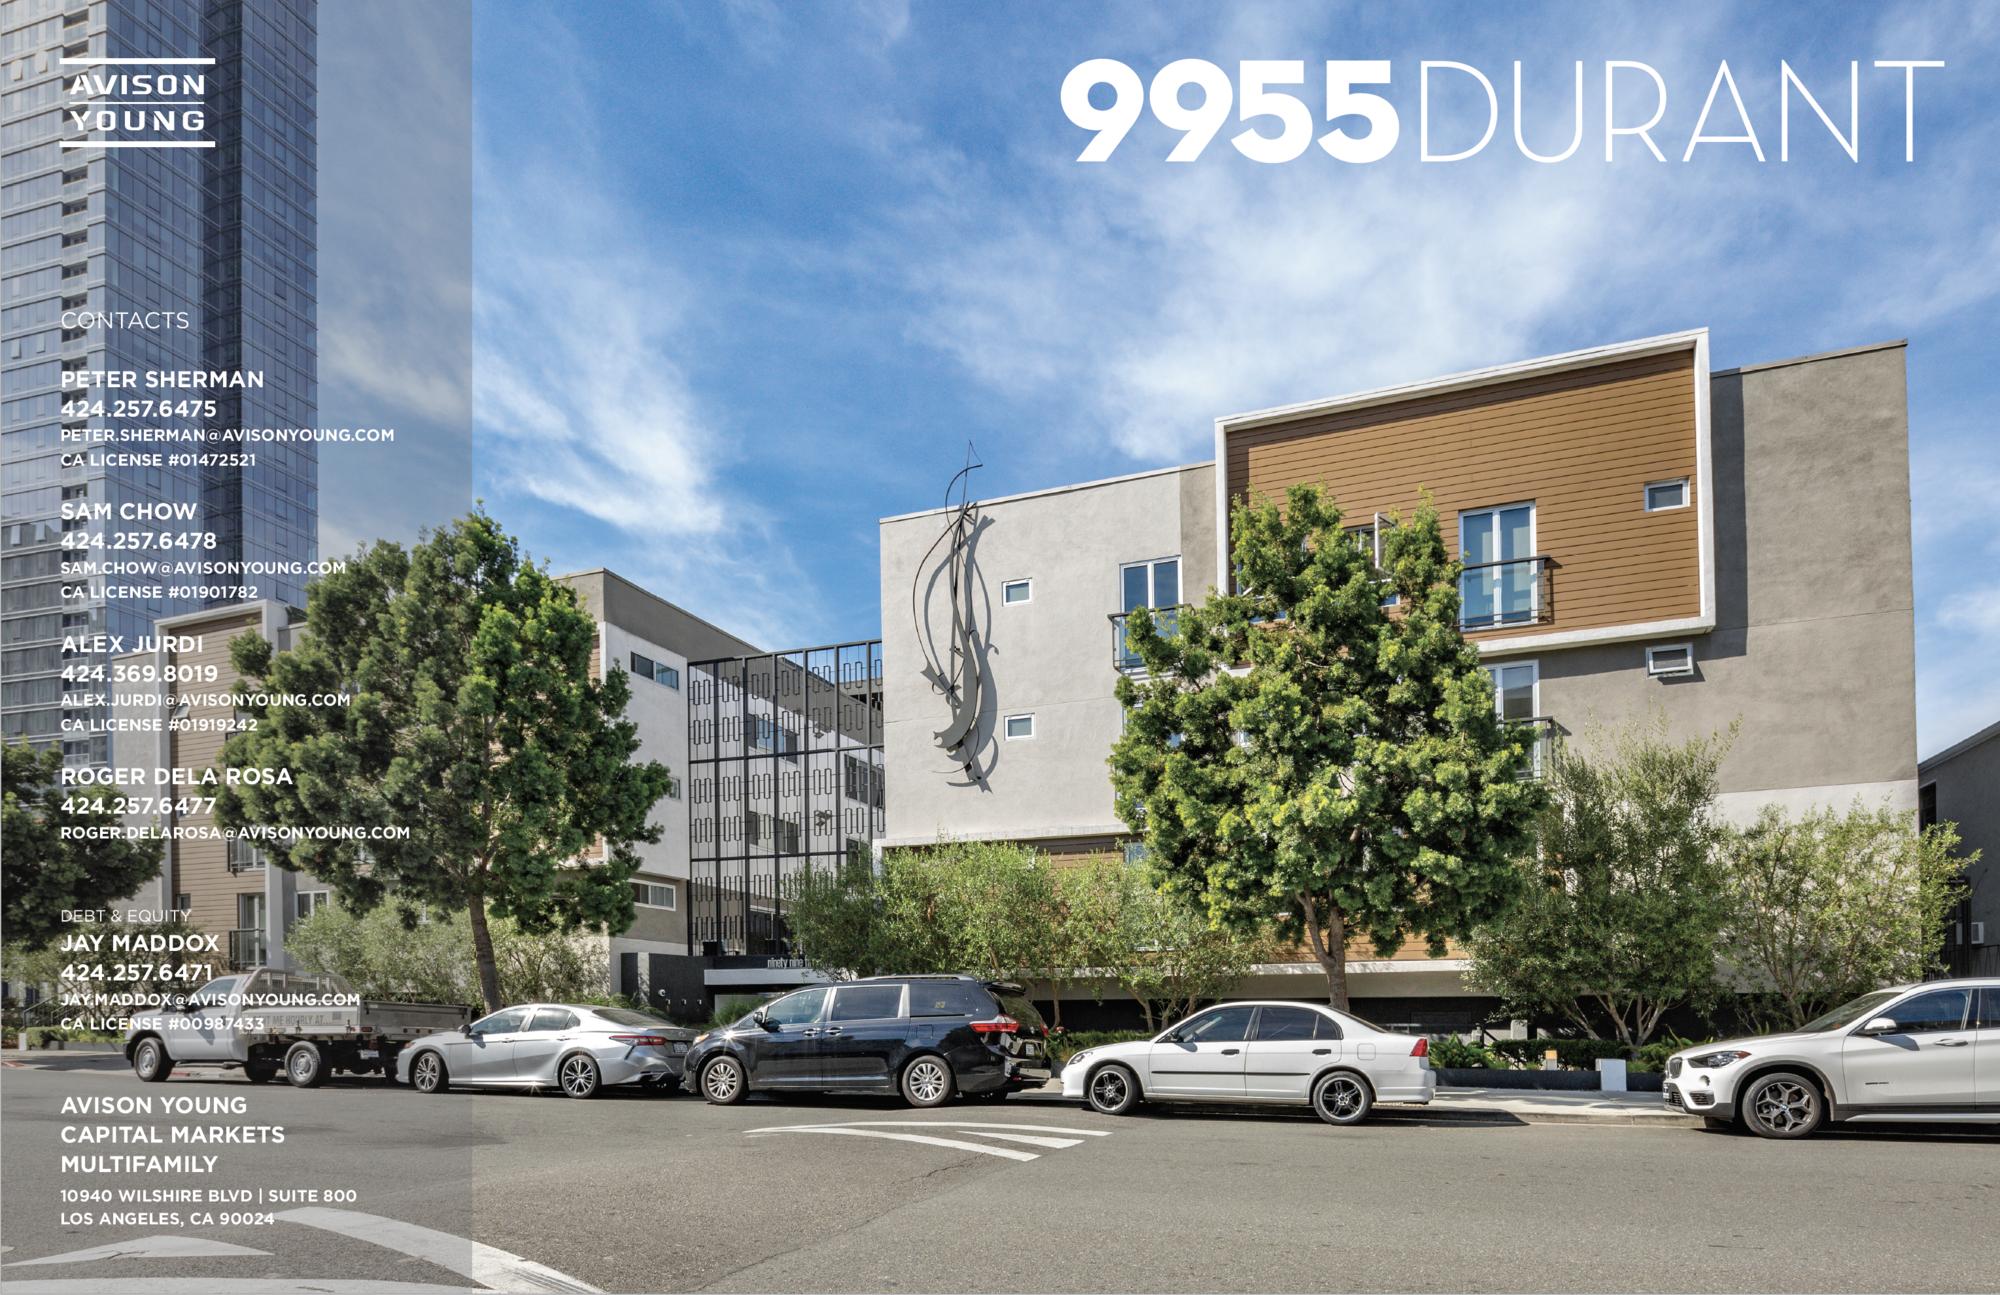 <div>9955 Durant Drive</div><div>Beverly Hills, CA 90212</div>